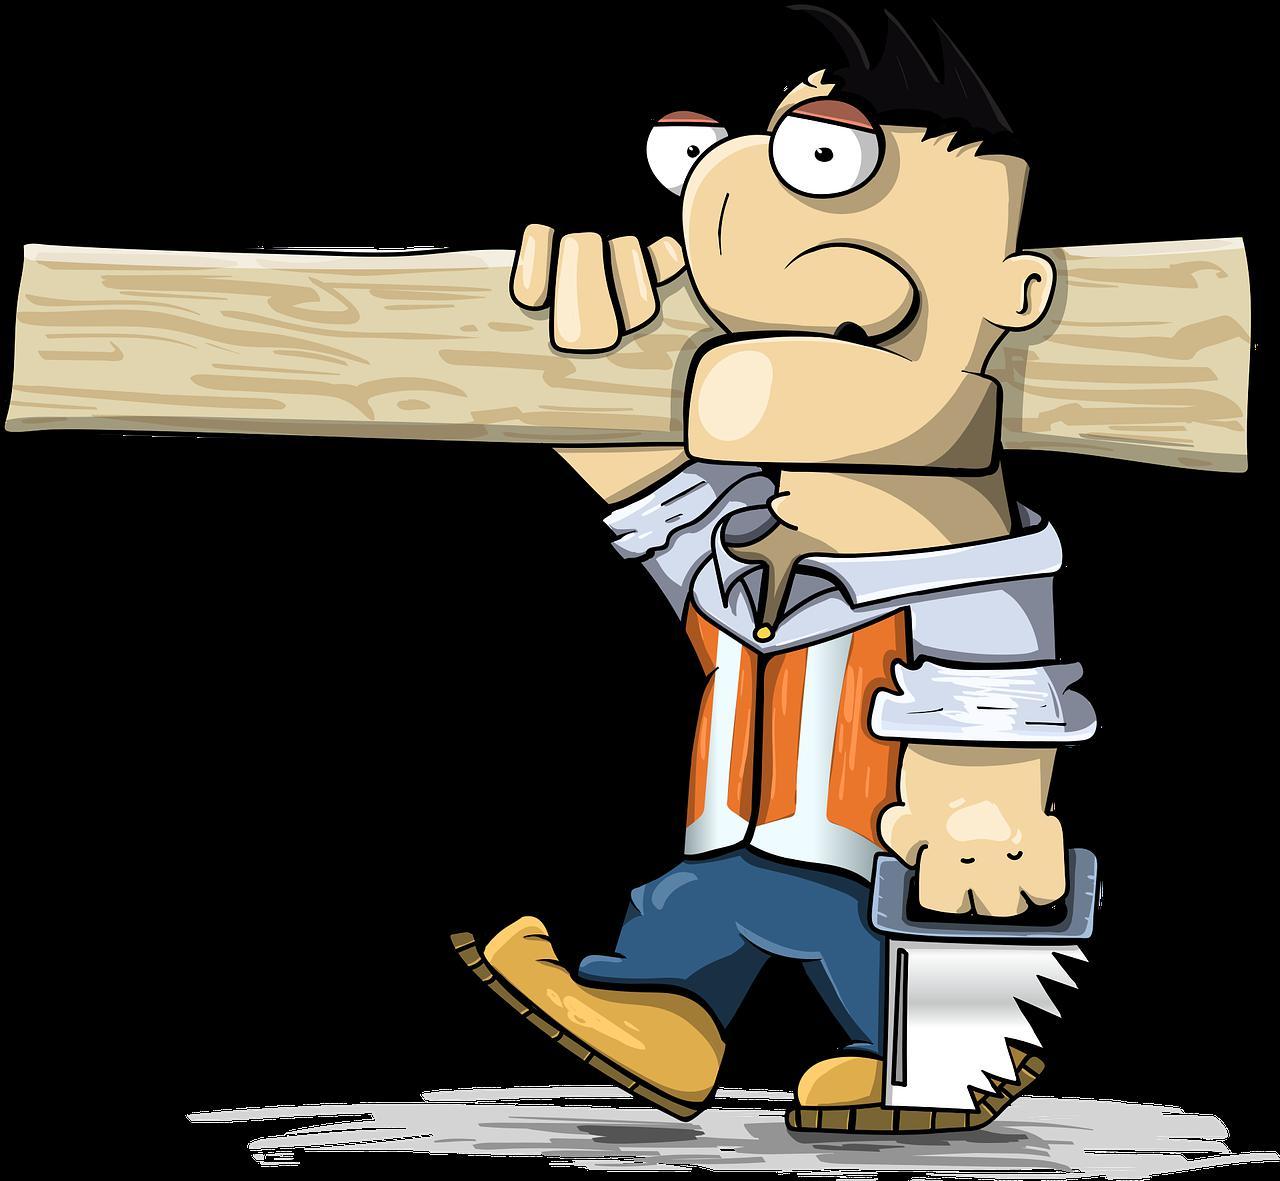 Extension ossature bois à Montataire 60160 : Devis et tarifs